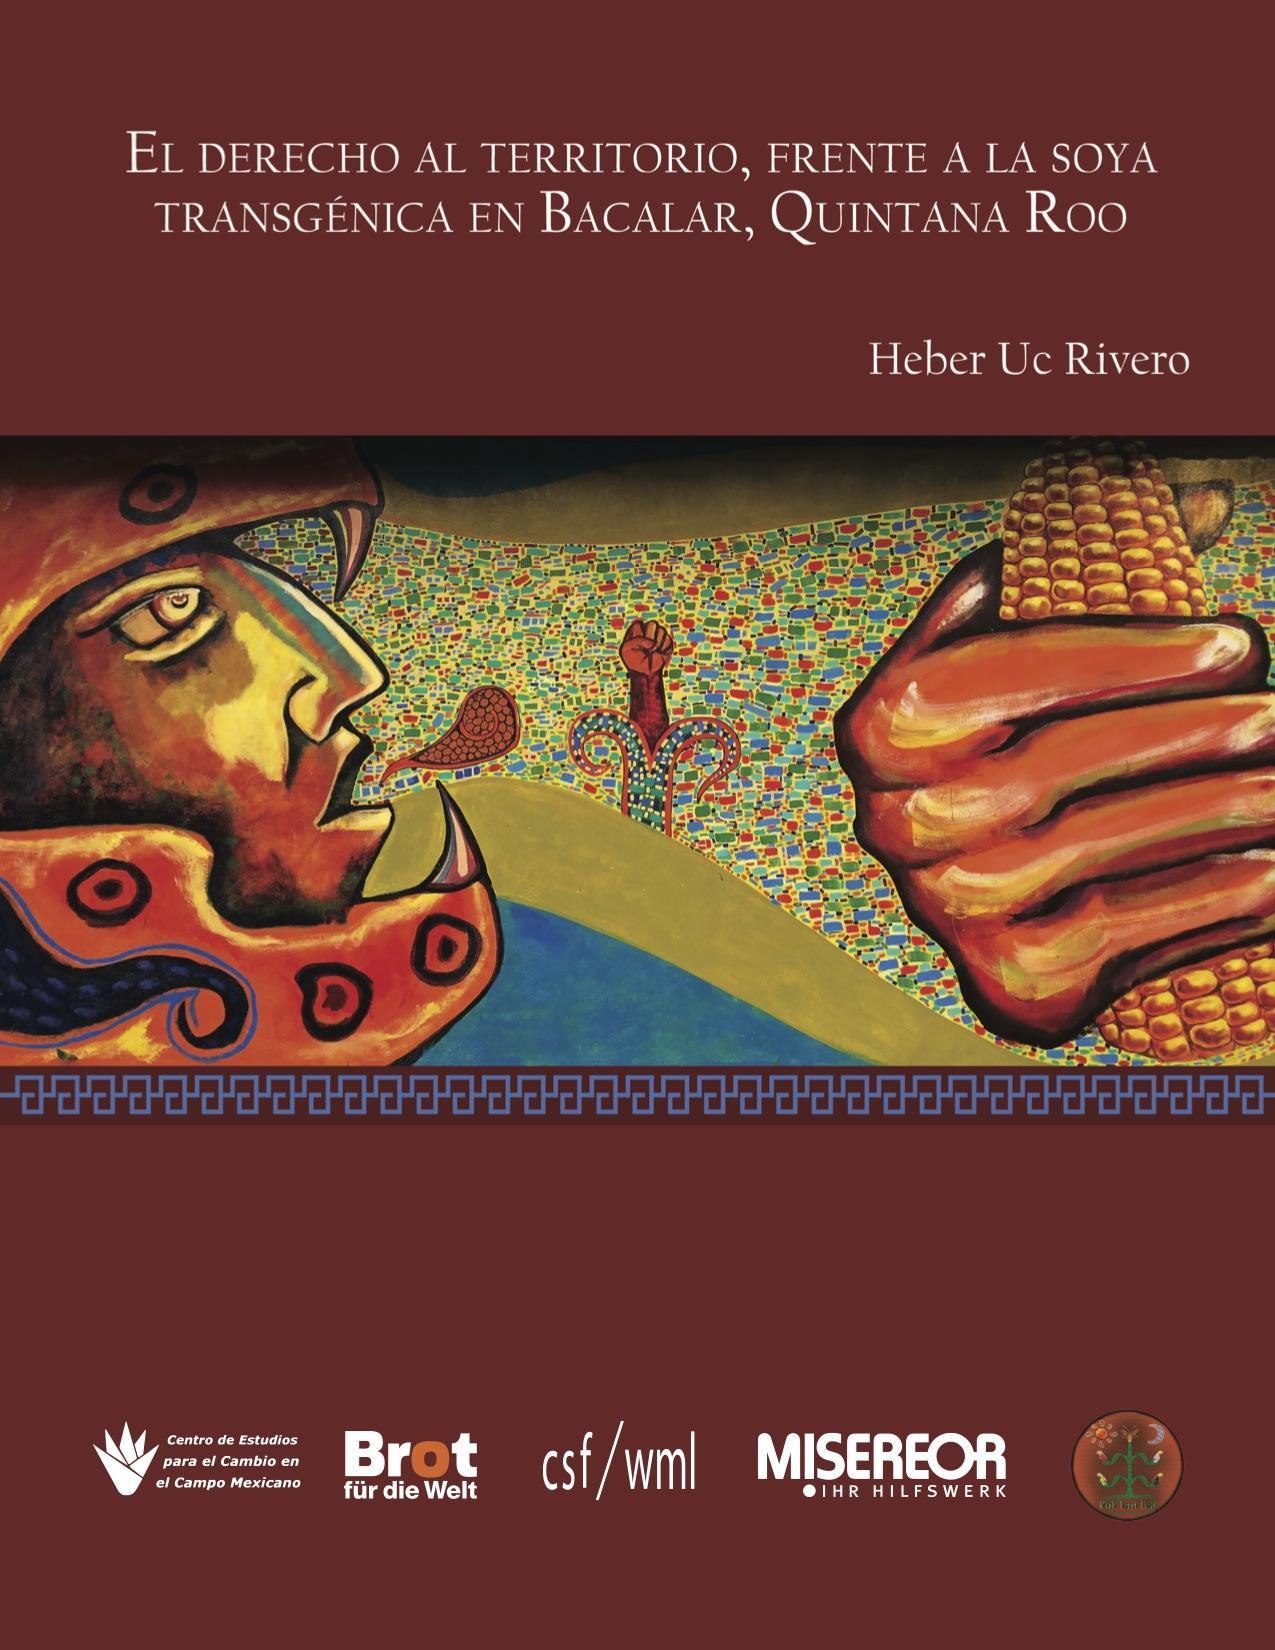 El derecho al territorio, frente a la soya transgénica en Bacalar, Quintana Roo